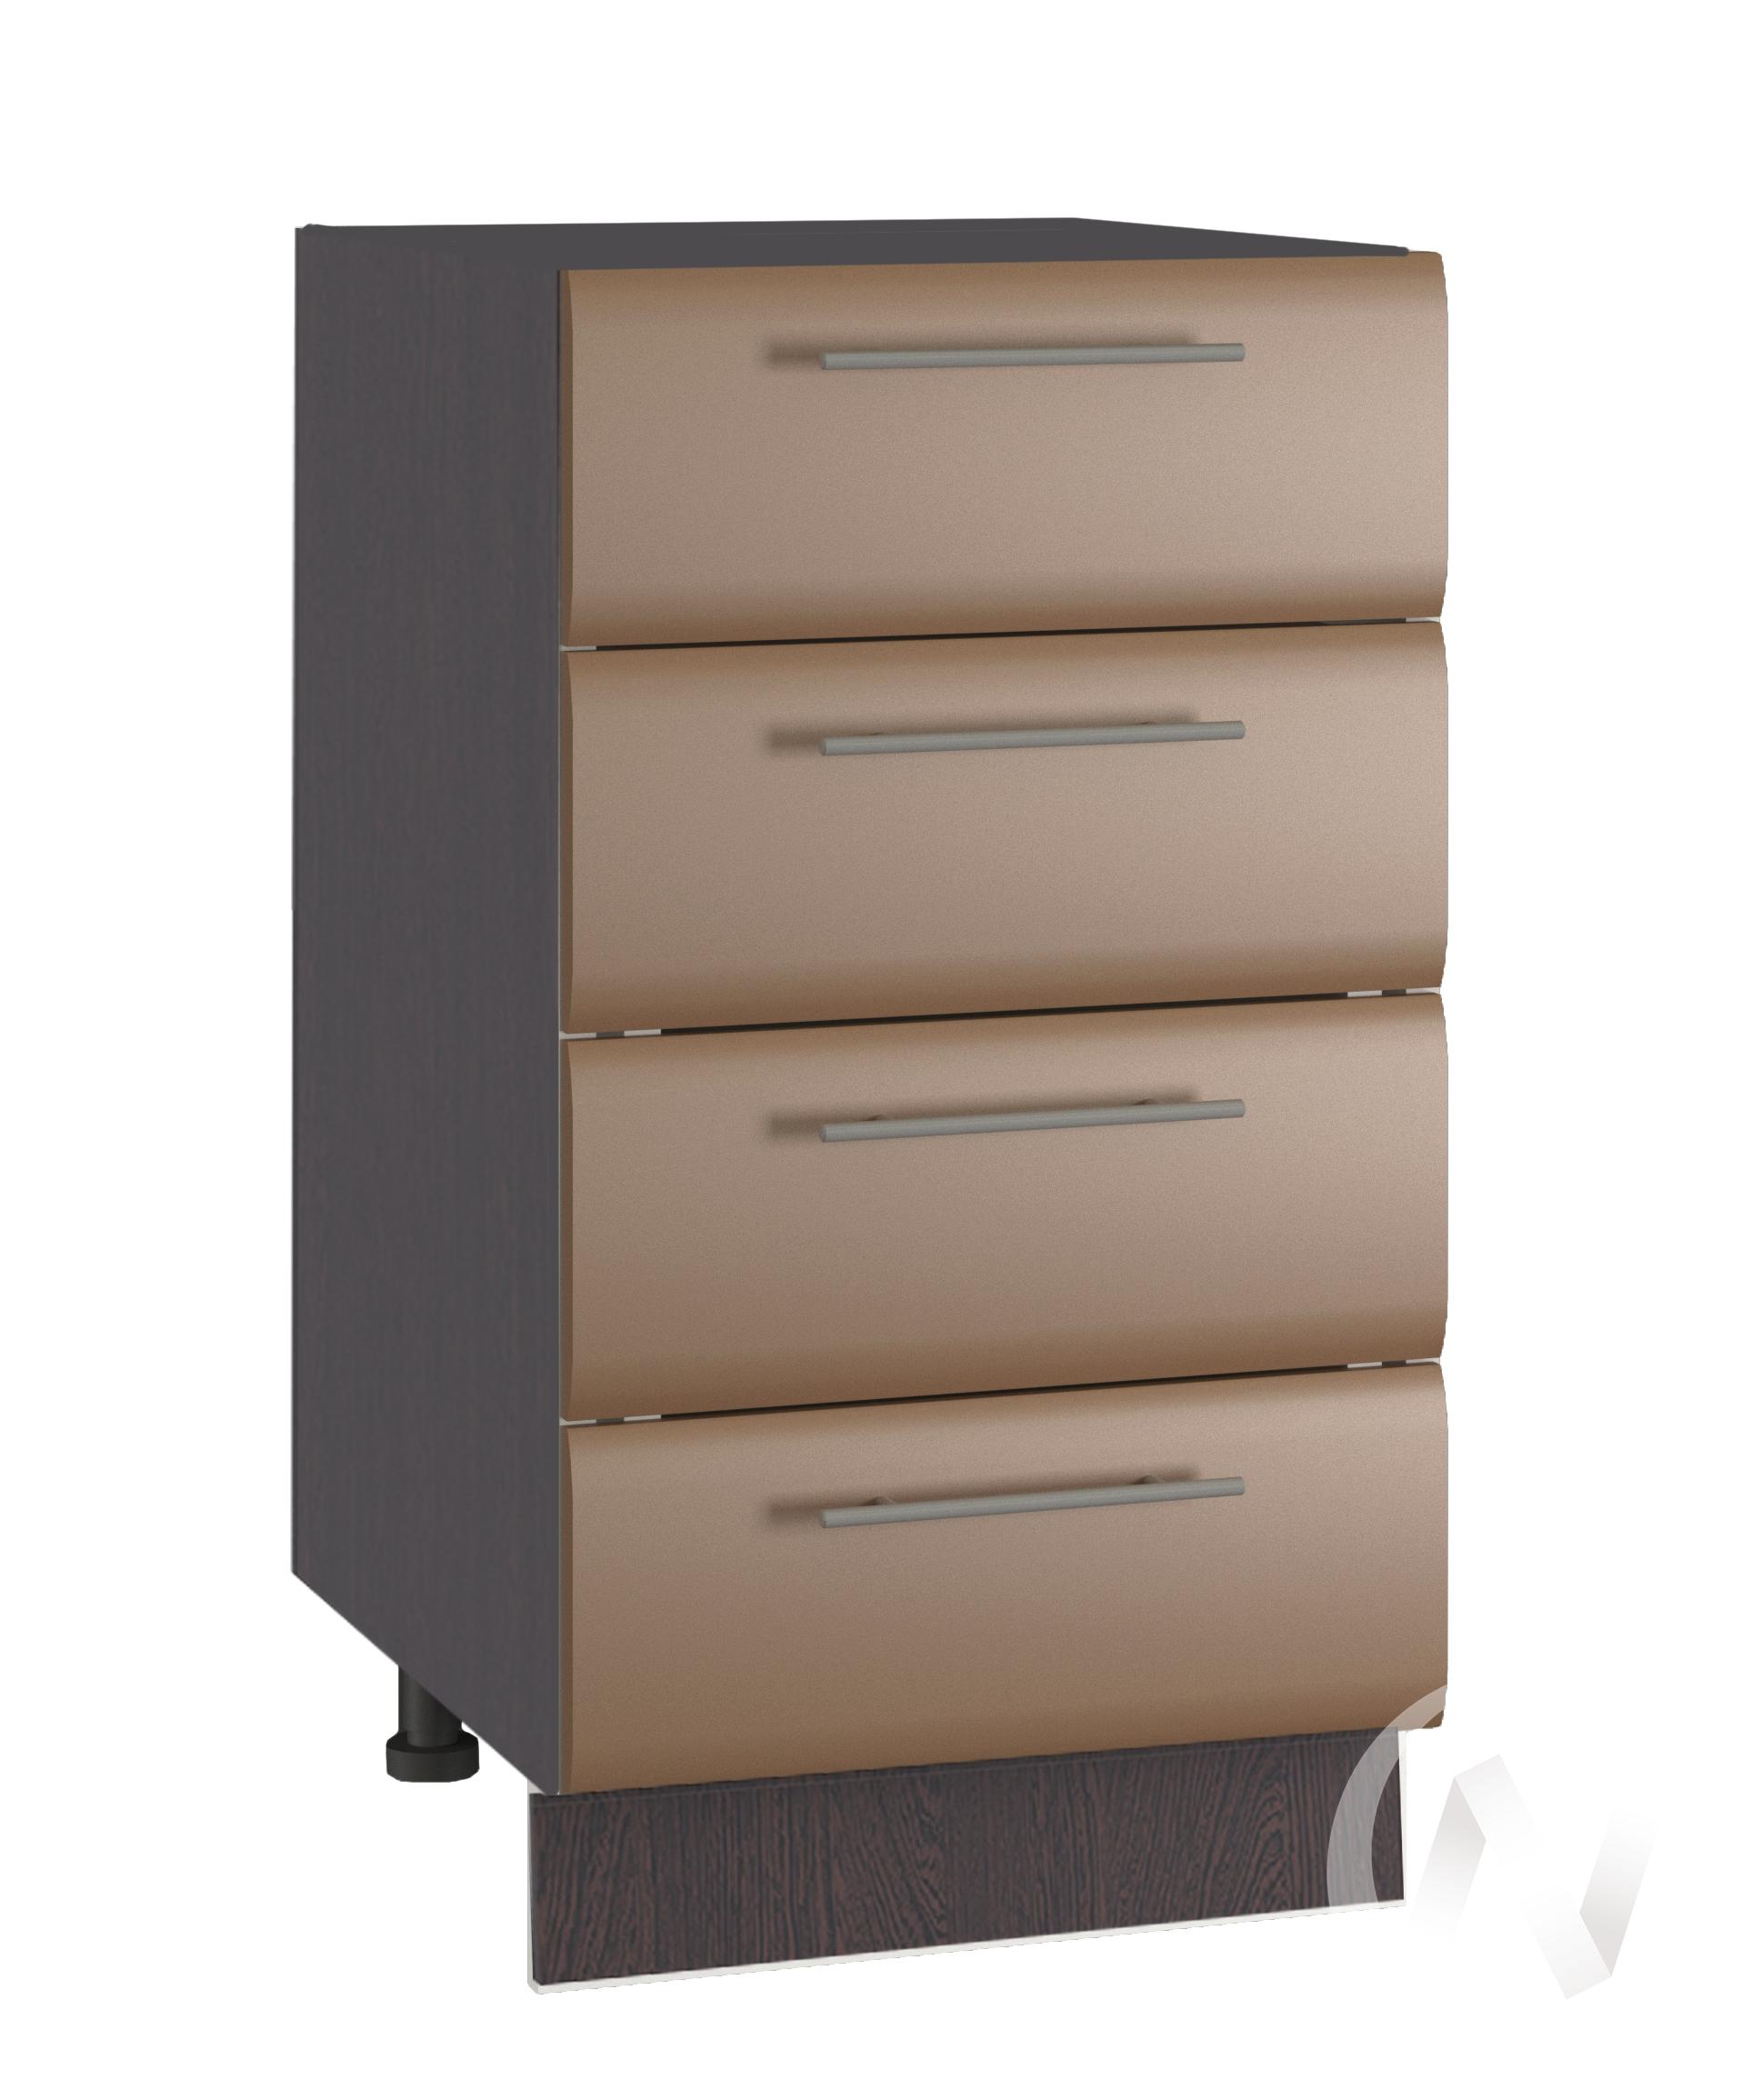 """Кухня """"Люкс"""": Шкаф нижний с 4-мя ящиками 400, ШН4Я 400 (Шоколад матовый/корпус венге)"""